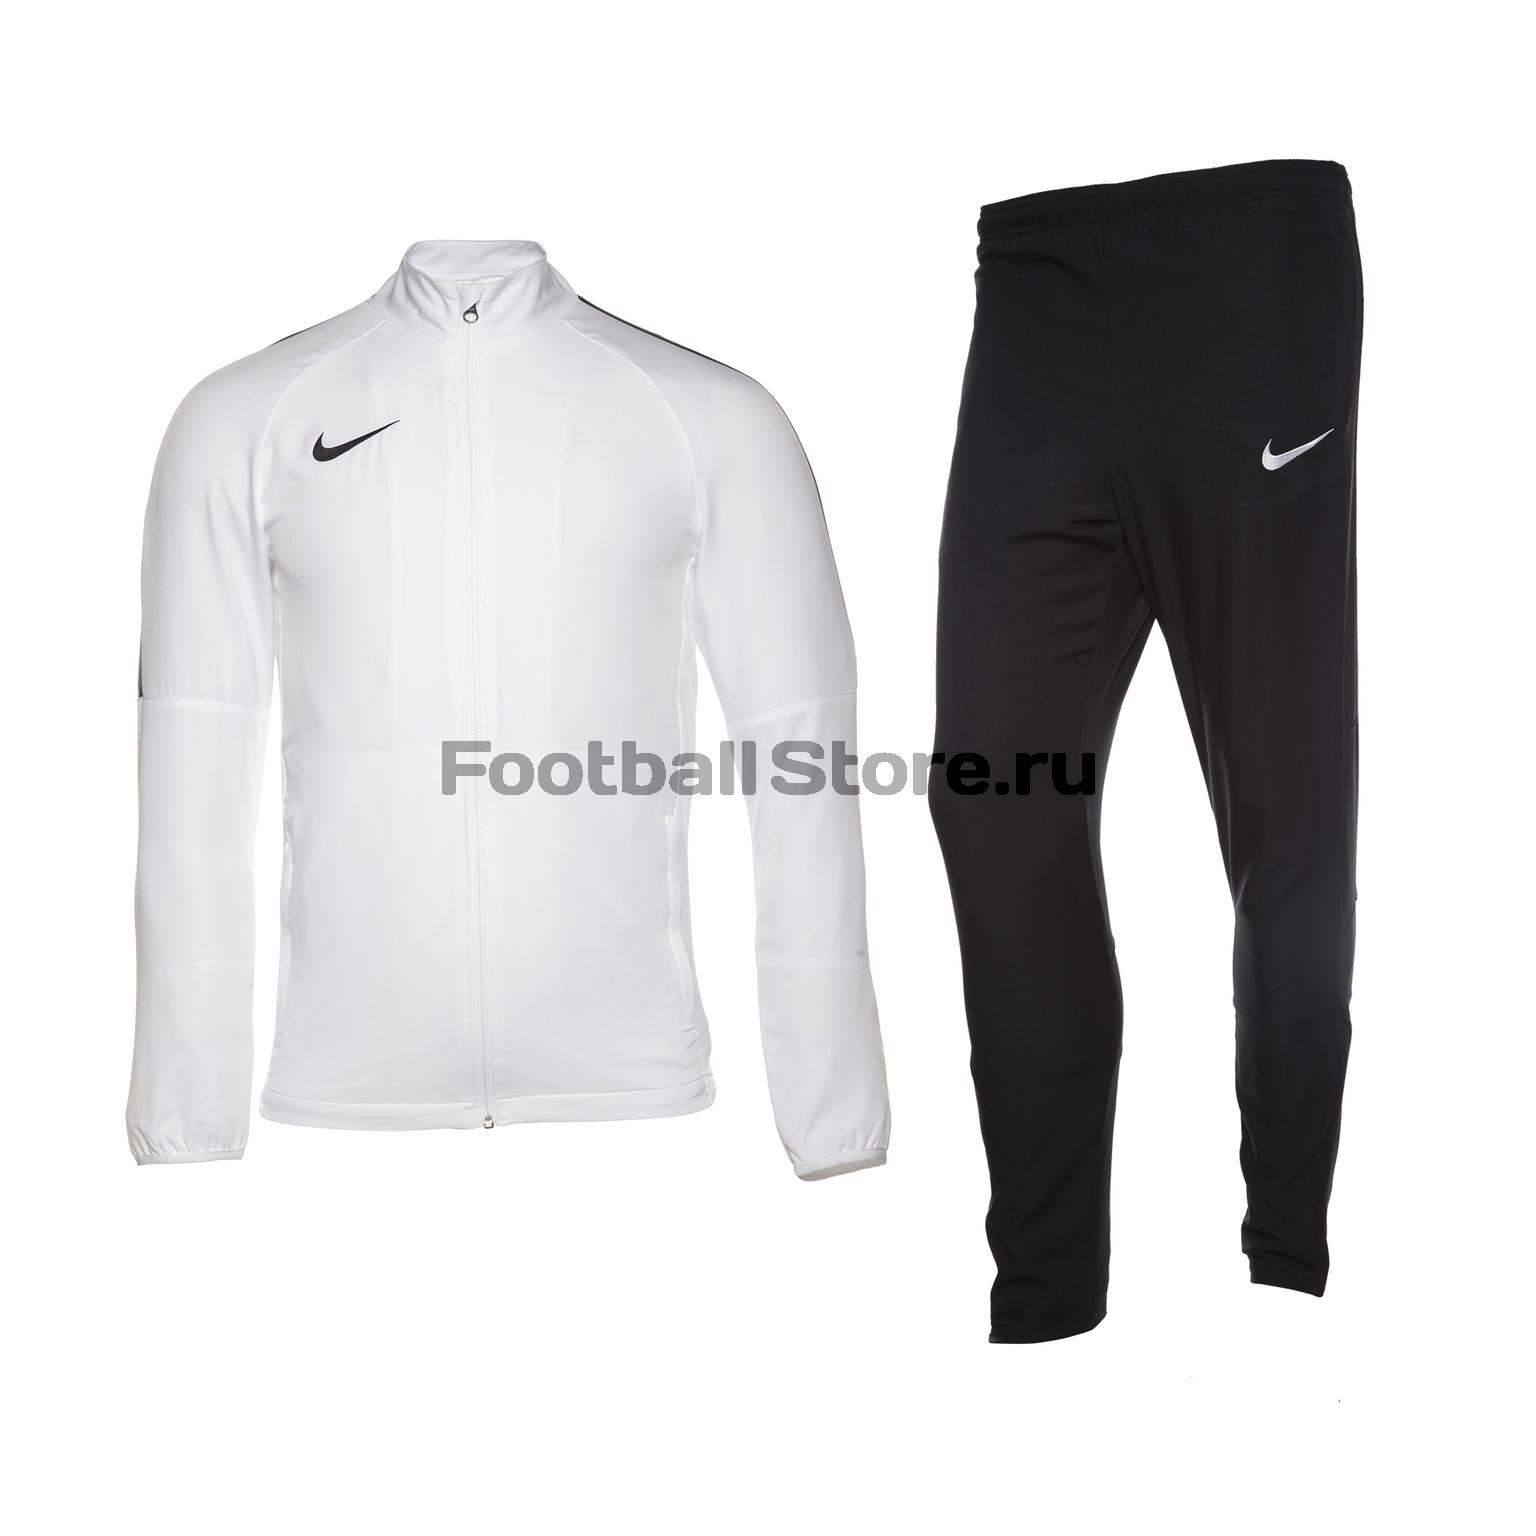 Костюм спортивный Nike Dry Academy18 TRK Suit W 893709-100 костюм спортивный nike dry academy18 trk suit w 893709 361